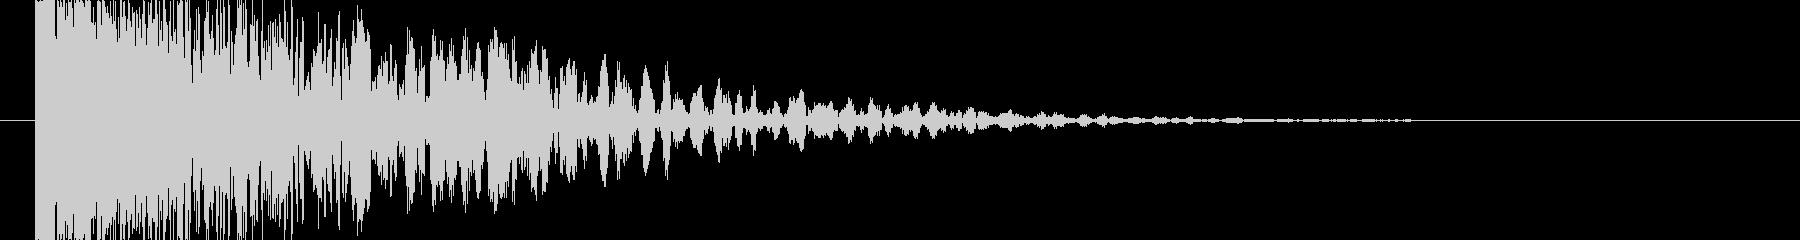 衝突音の後にゴロゴロとした余韻の未再生の波形